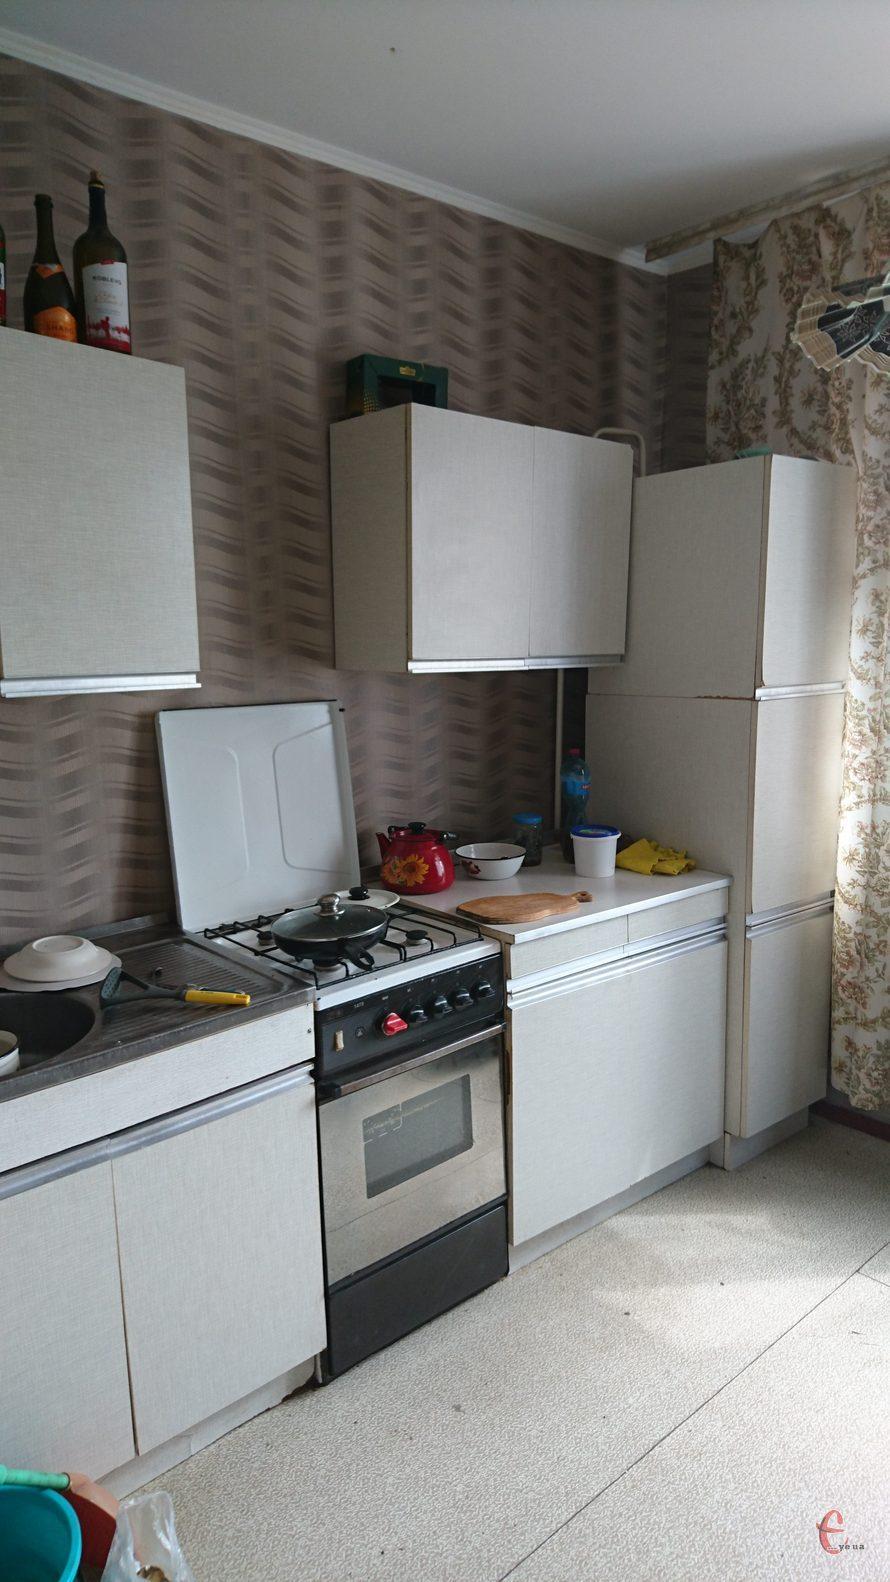 Продам 1-кімнатну квартиру на вул.Павліченко, будинок 2000 року